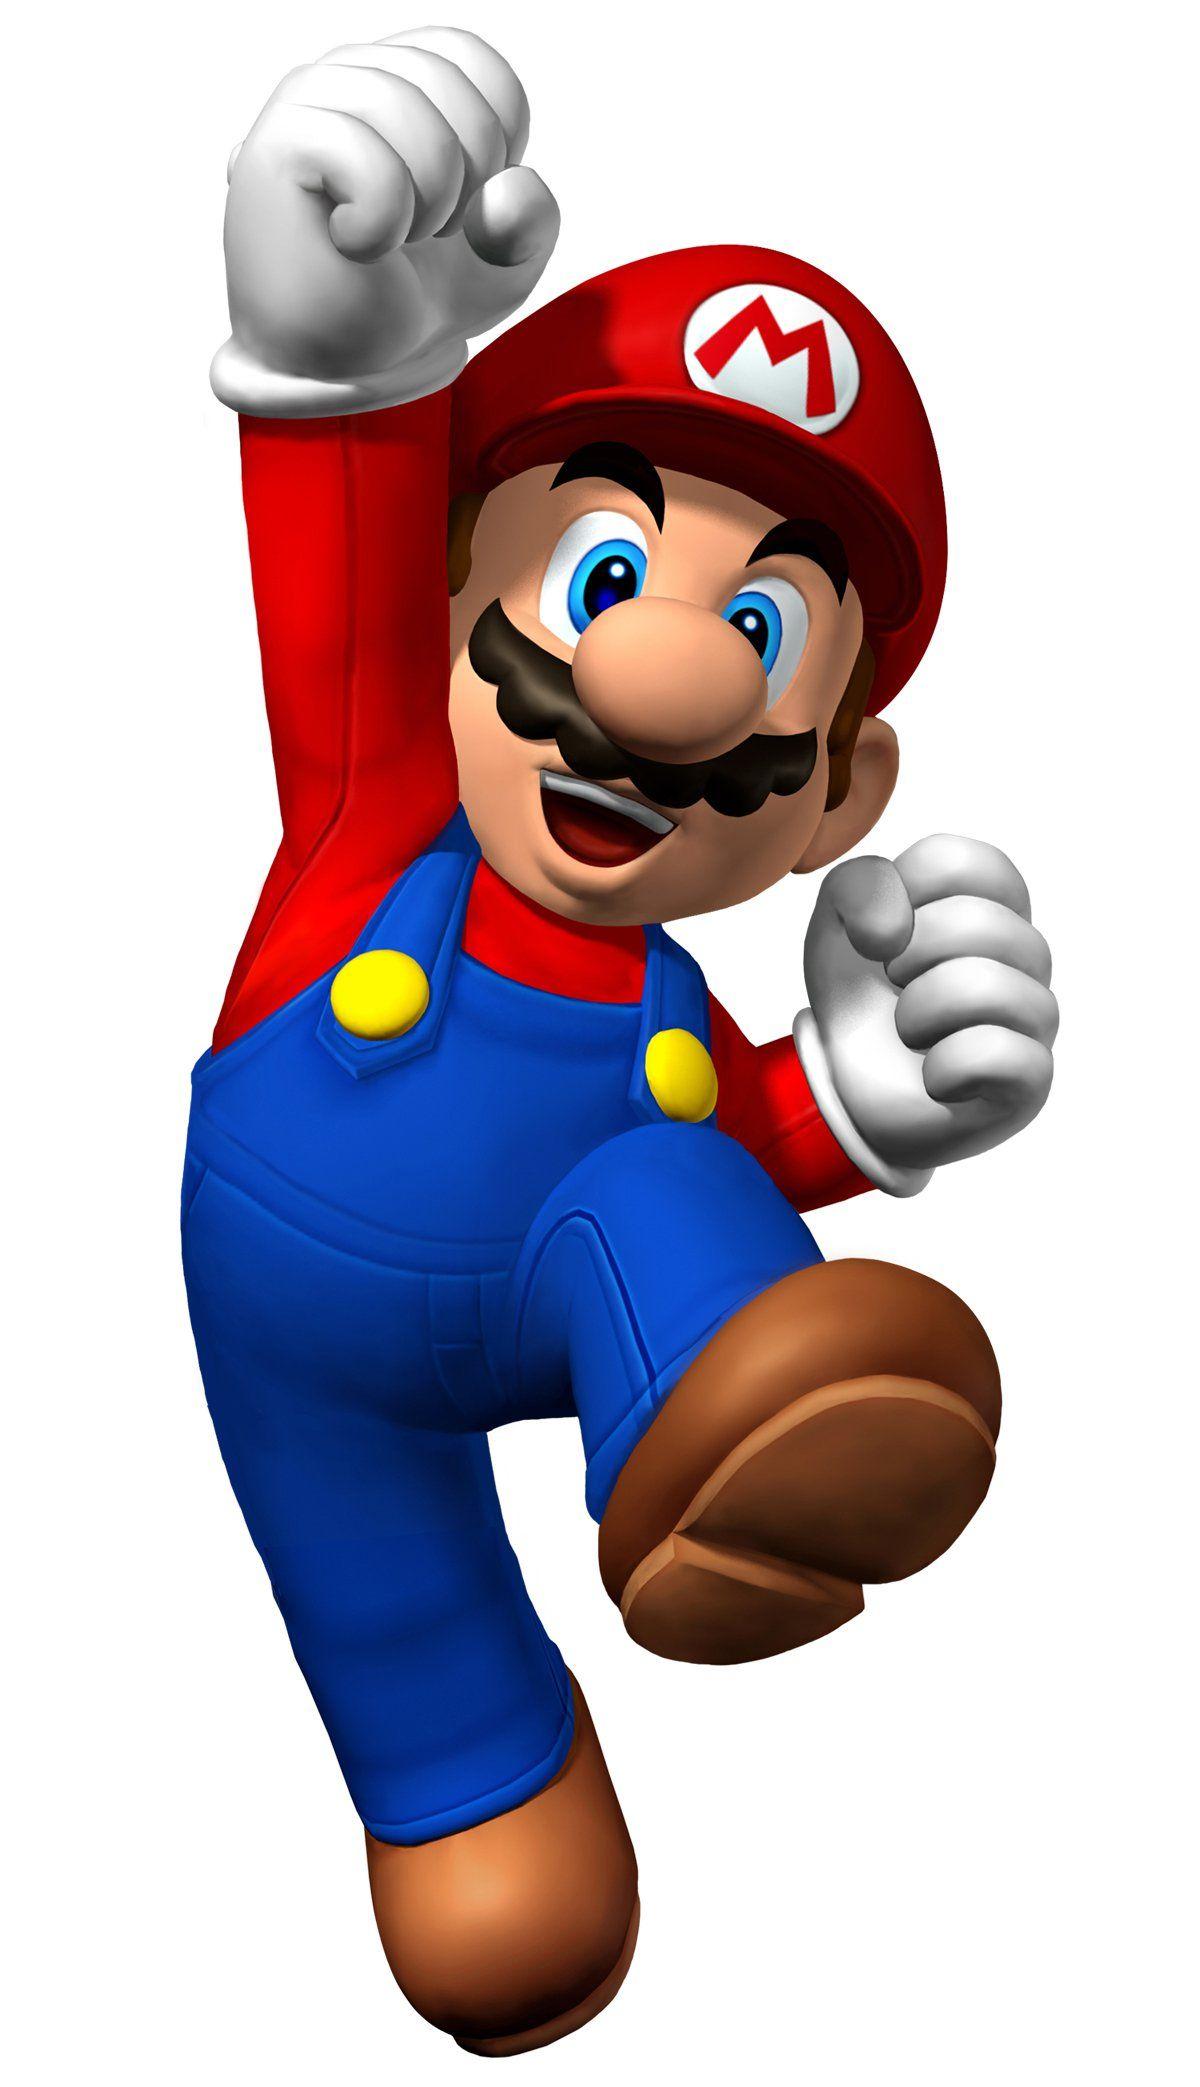 Dibujos De Mario Bros Historia De Algunos Personajes De Mario Bros